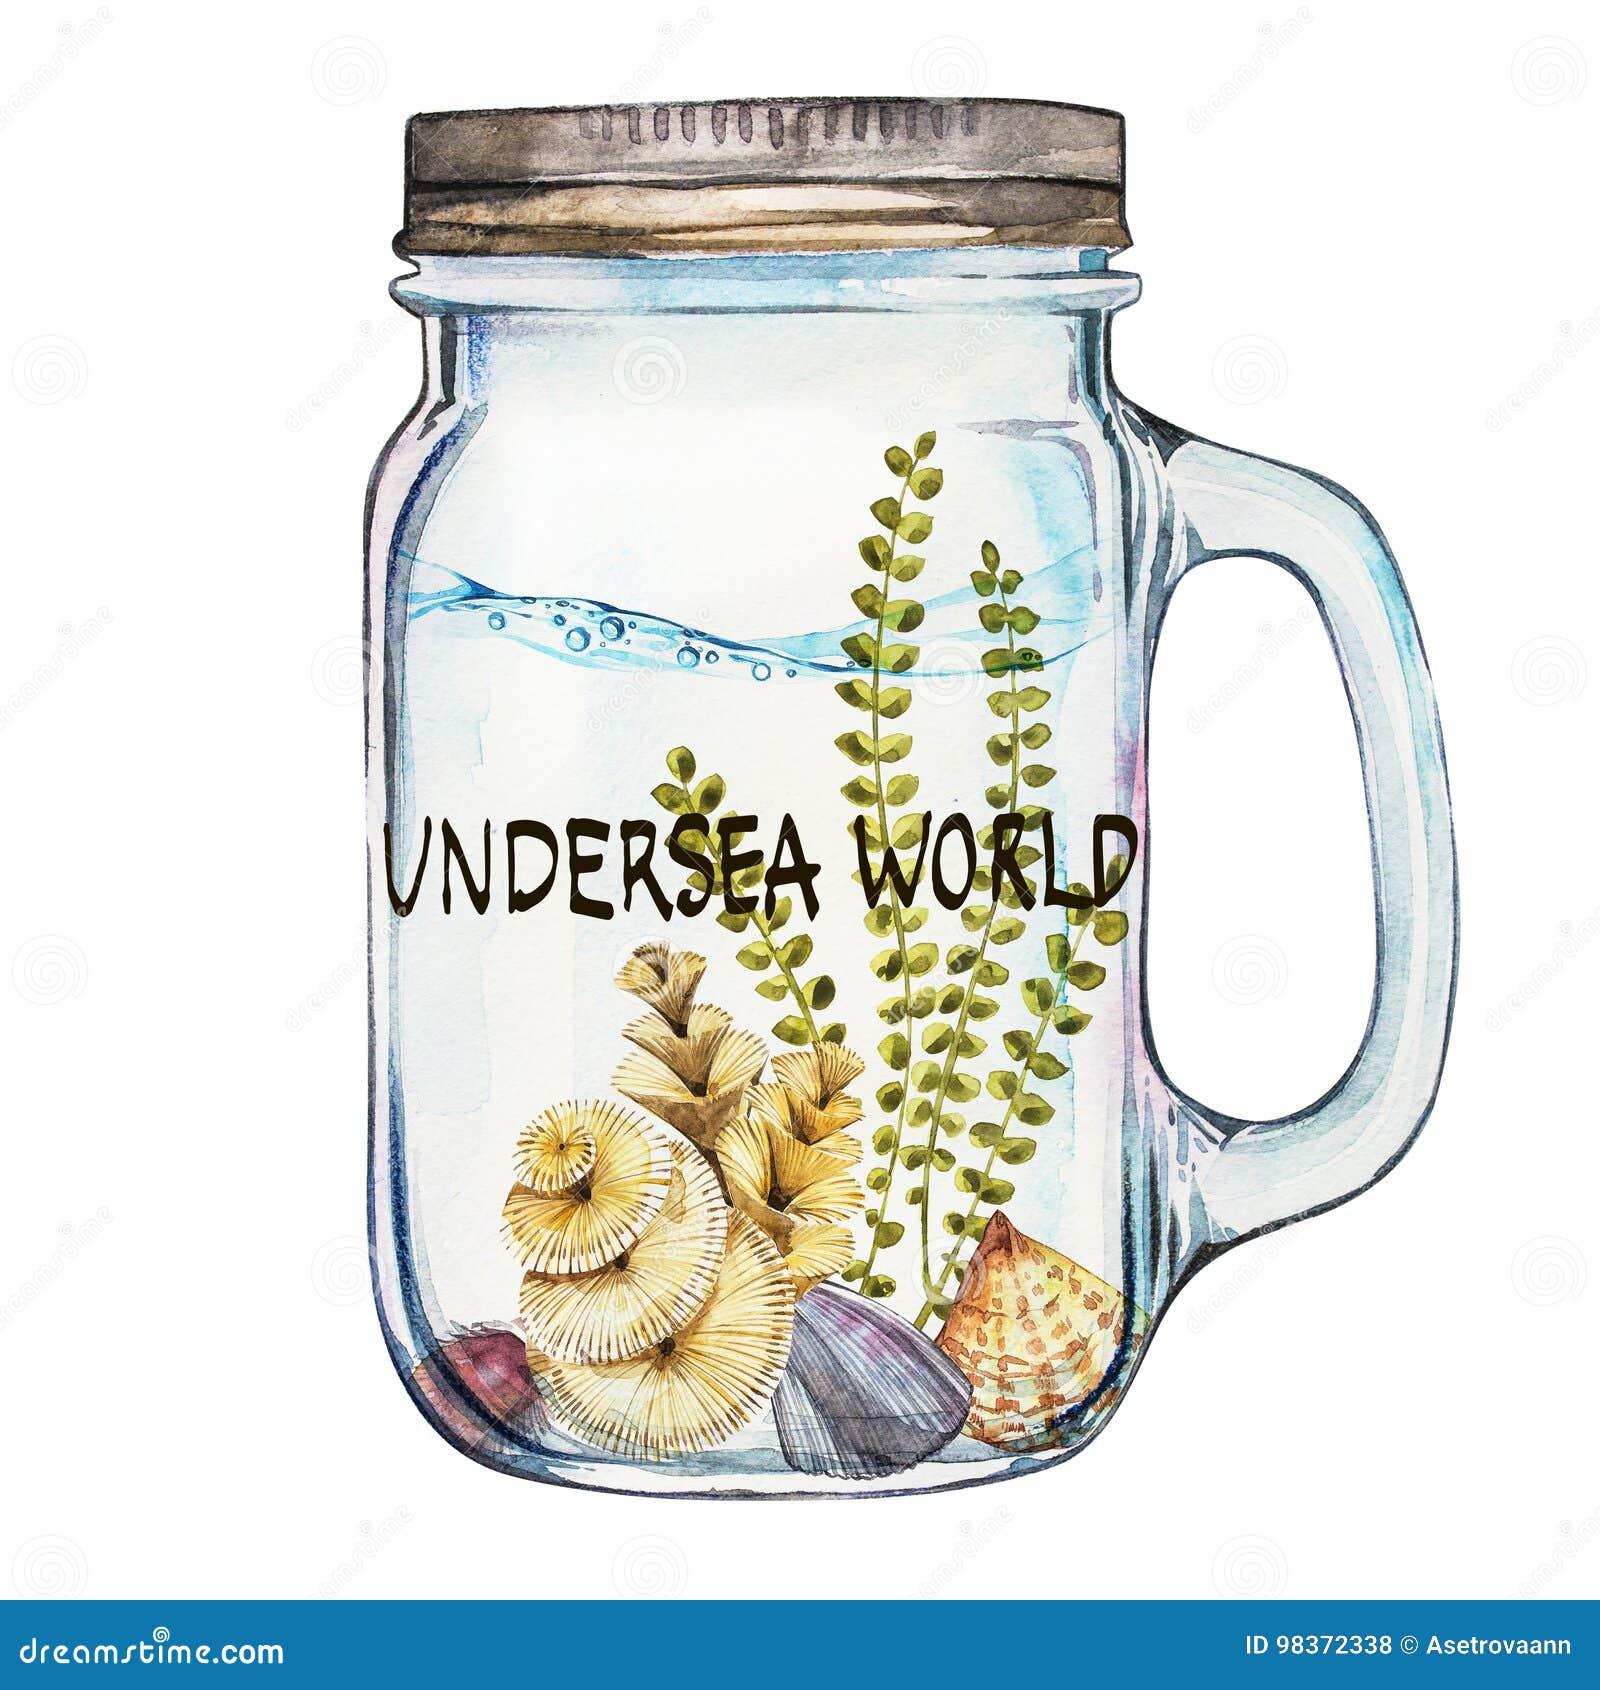 Mondo Parola-subacqueo Chiavetta di Isoleted con Marine Life Landscape - l oceano ed il mondo subacqueo con differente